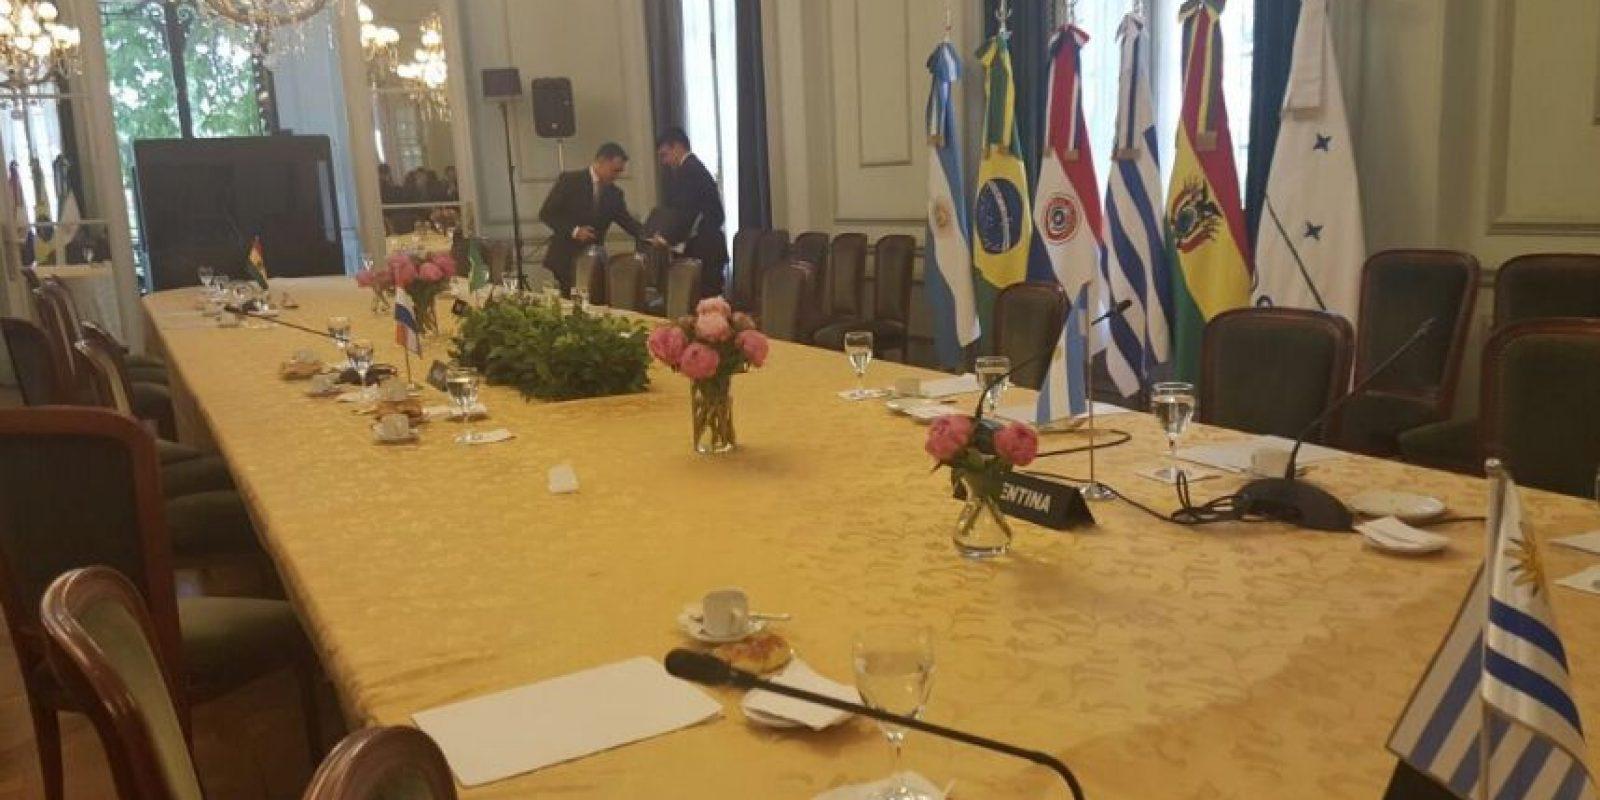 El salón desocupado, donde originalmente se realizaría la cumbre del Mercosur. Foto:Twitter de Delcy Rodríguez.. Imagen Por: